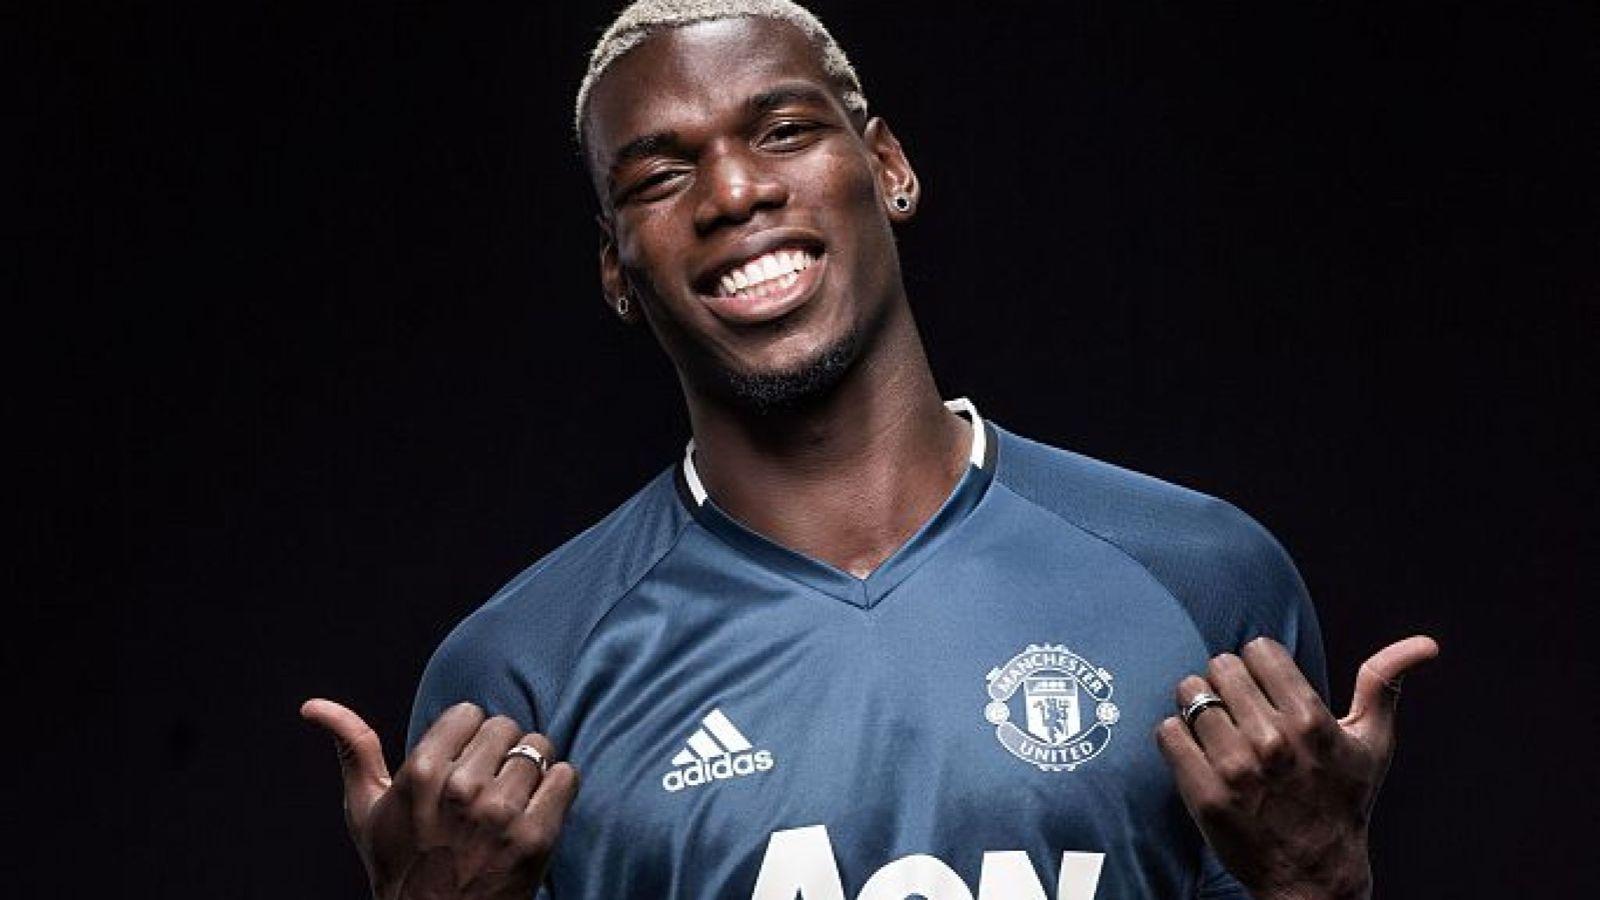 ФИФА решили оштрафовать «Ювентус» за трансфер Погба в «Манчестер Юнайтед»